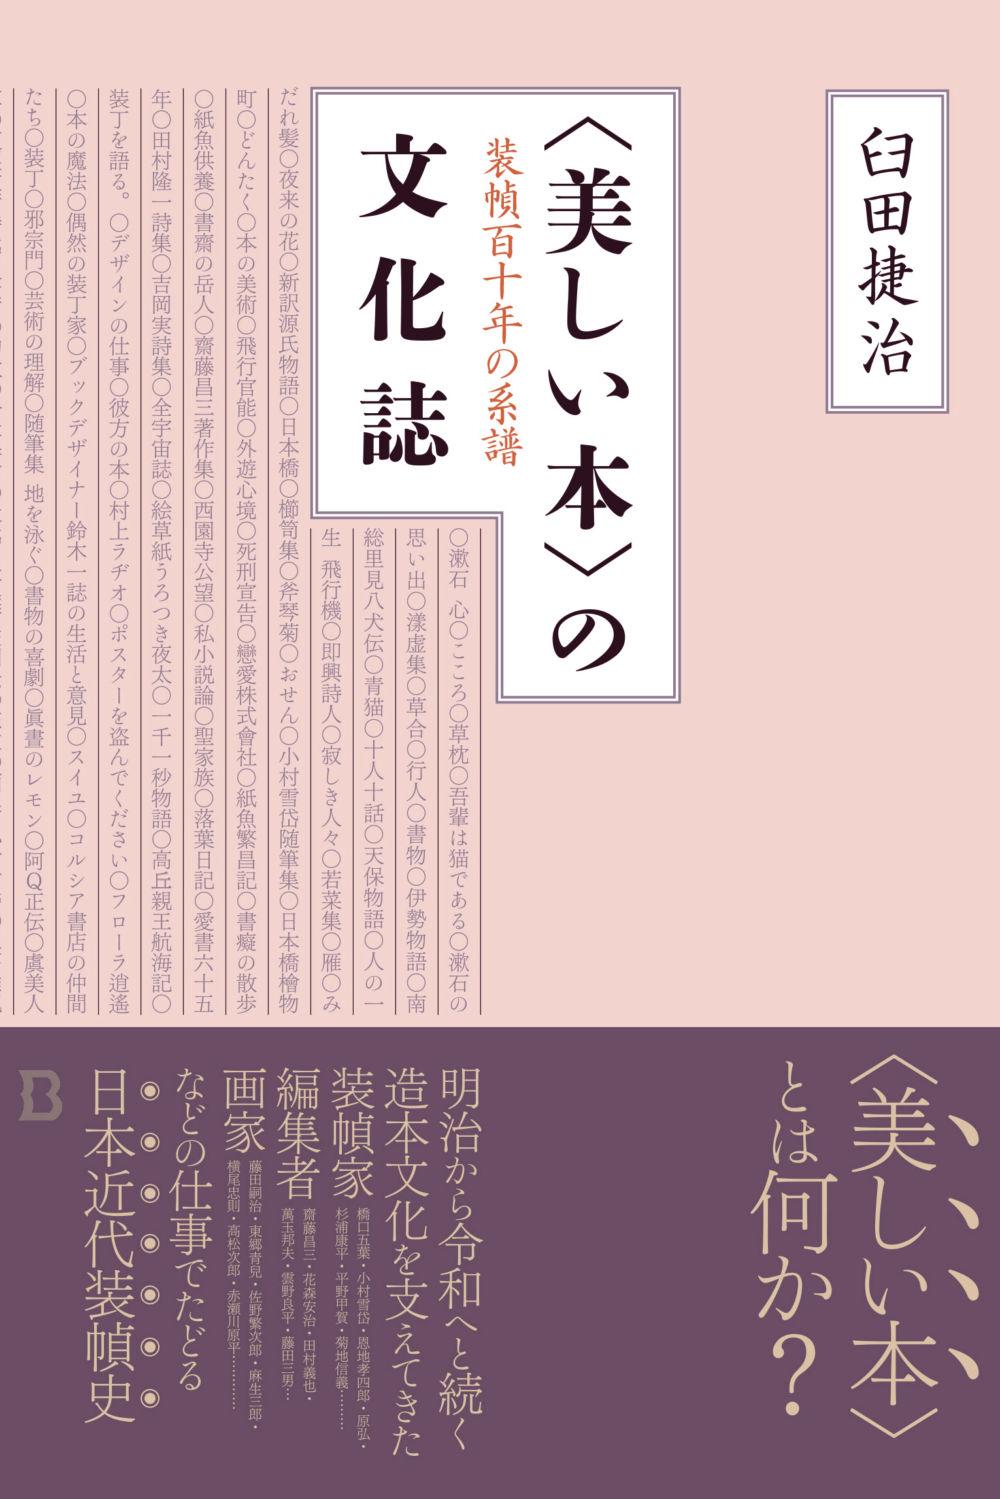 『〈美しい本〉の文化誌』[直販サイトで販売中]